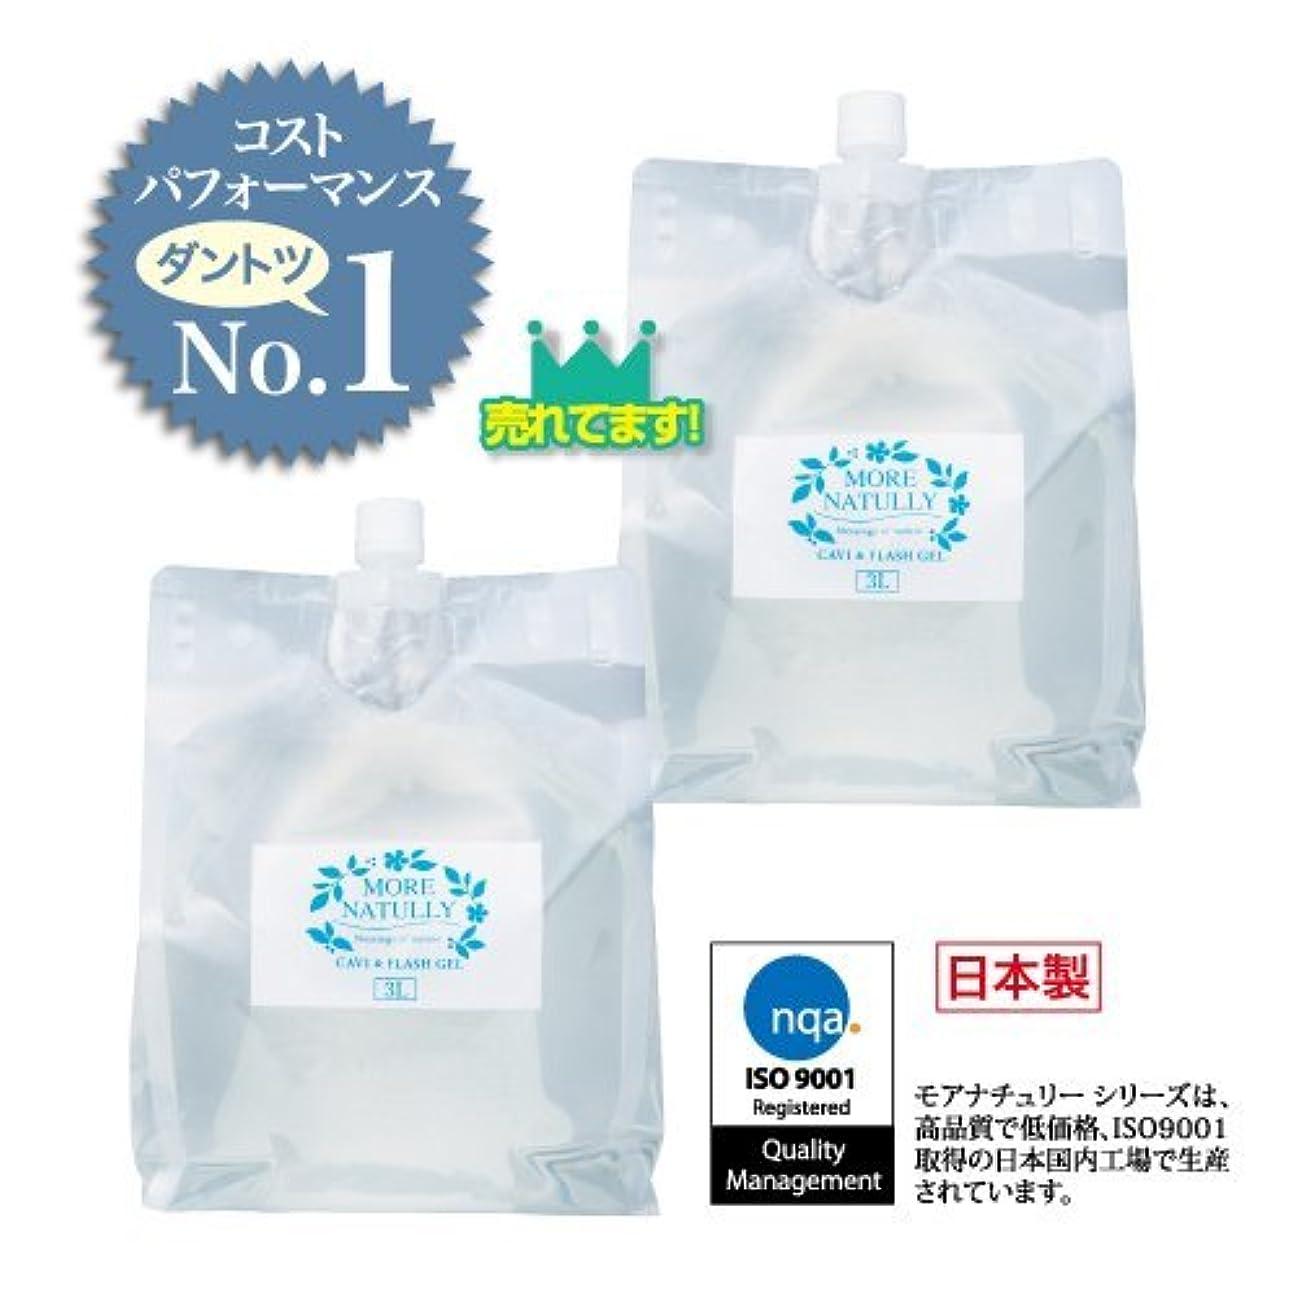 リアル取る促すモアナチュリー キャビ&フラッシュジェル 【ソフト】3kg×2袋